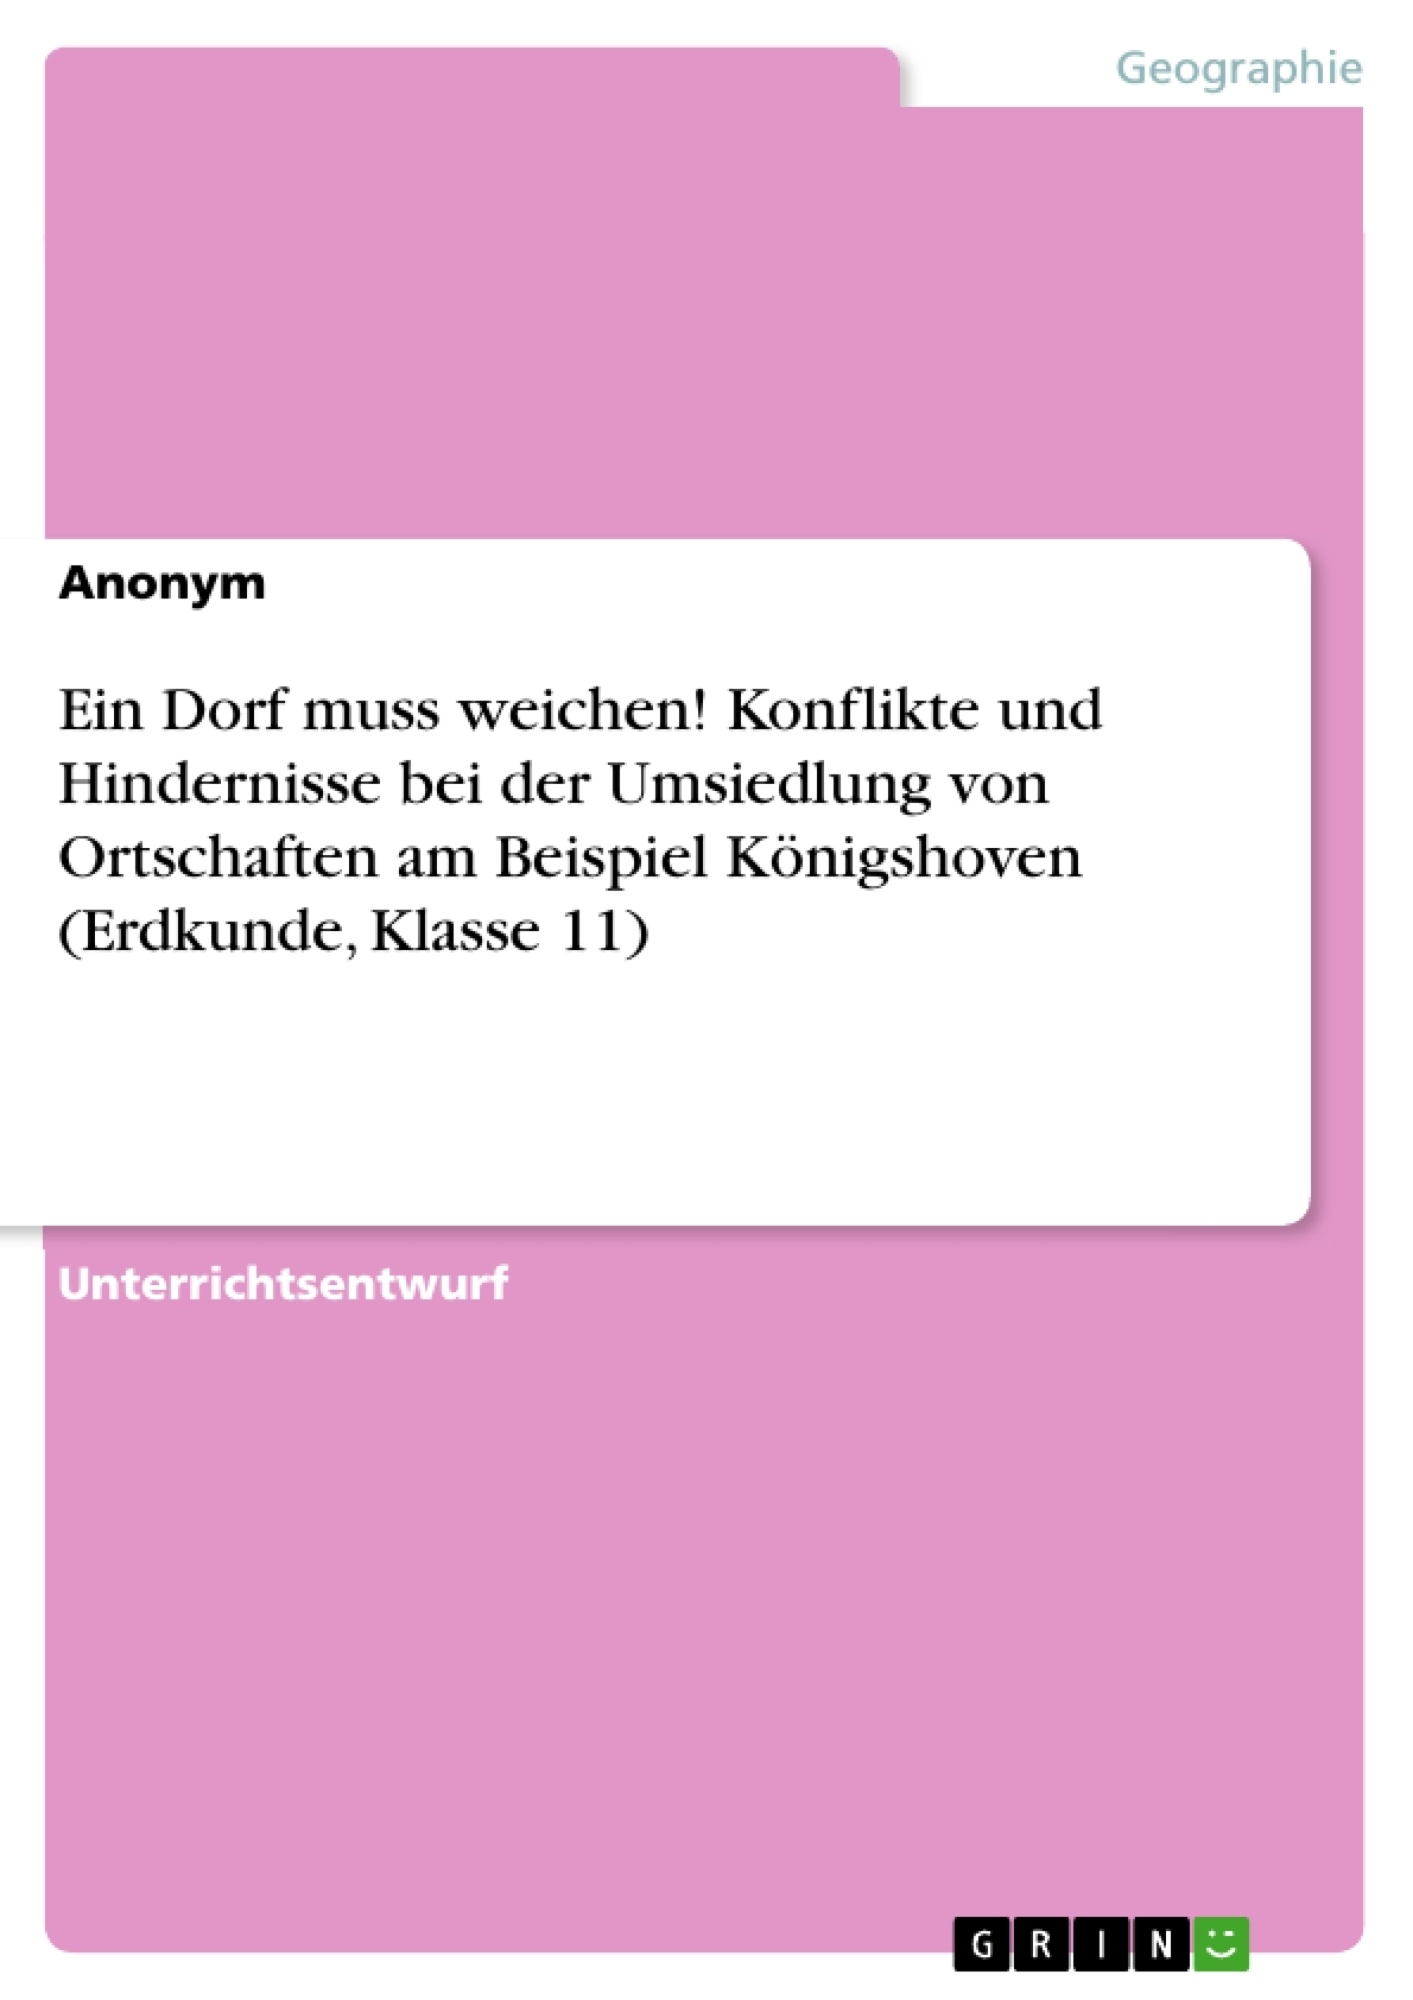 Titel: Ein Dorf muss weichen! Konflikte und Hindernisse bei der Umsiedlung von Ortschaften am Beispiel Königshoven (Erdkunde, Klasse 11)